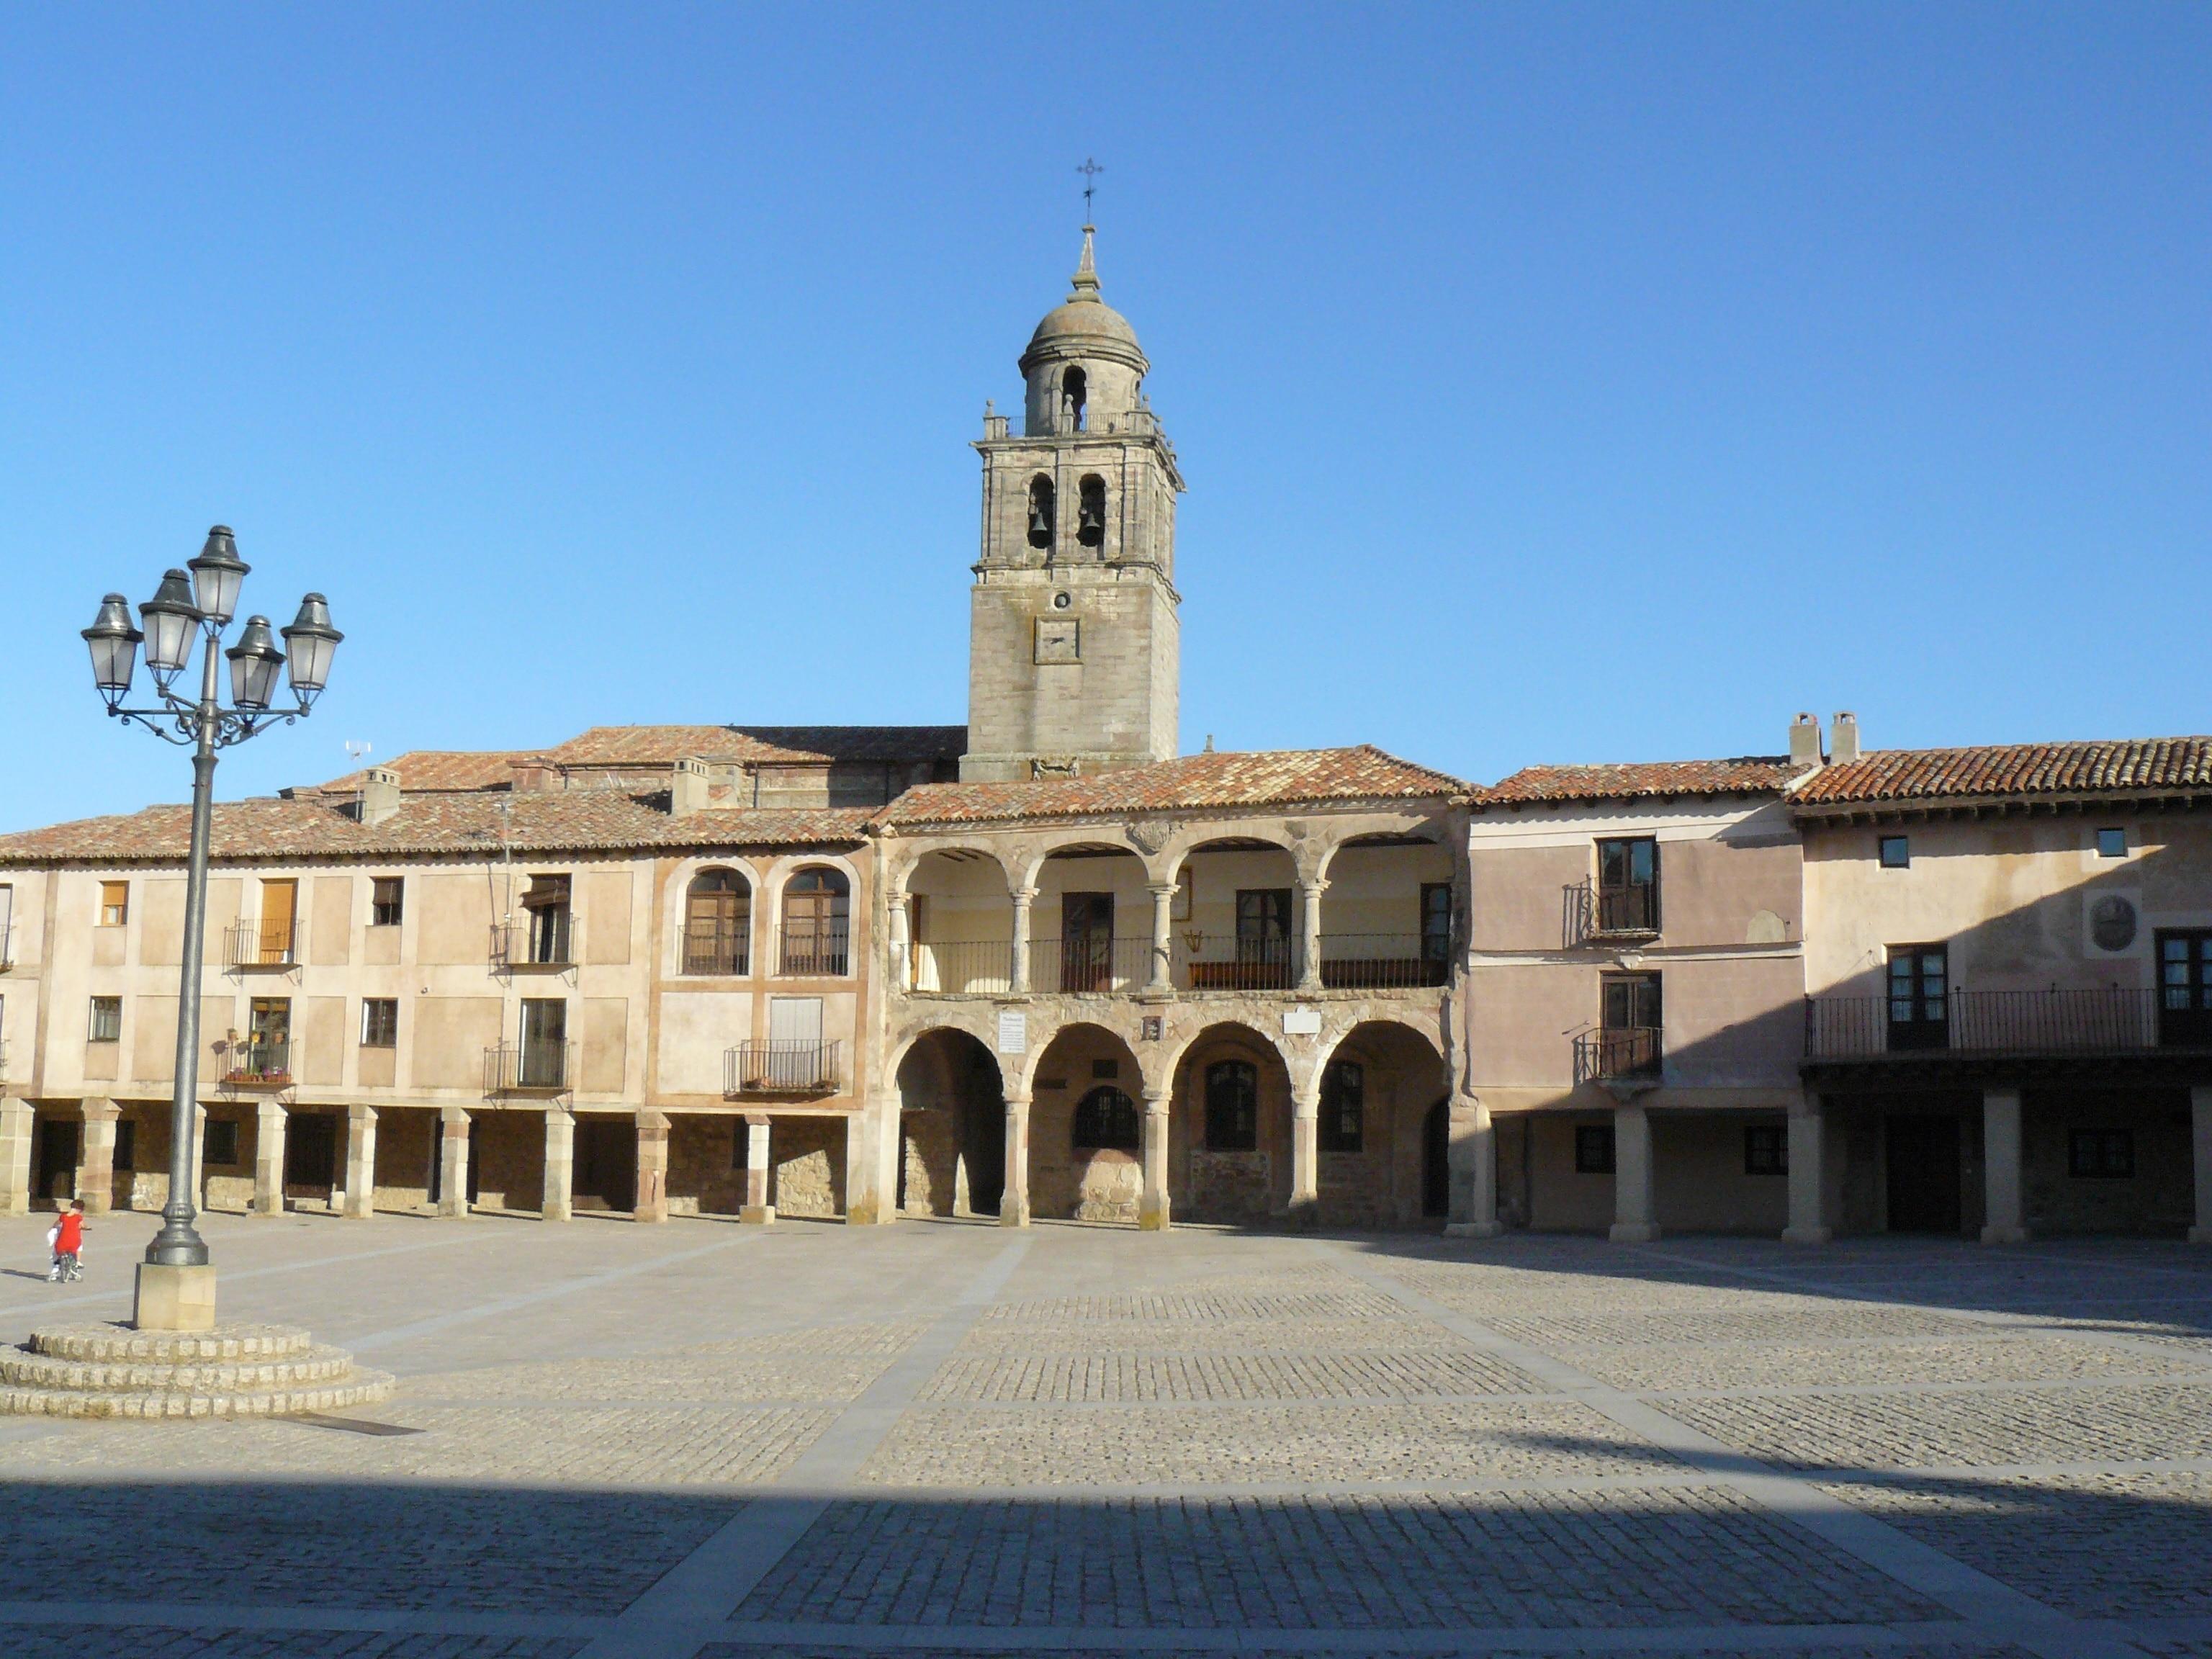 Provincia de Soria, Castilla y León, España